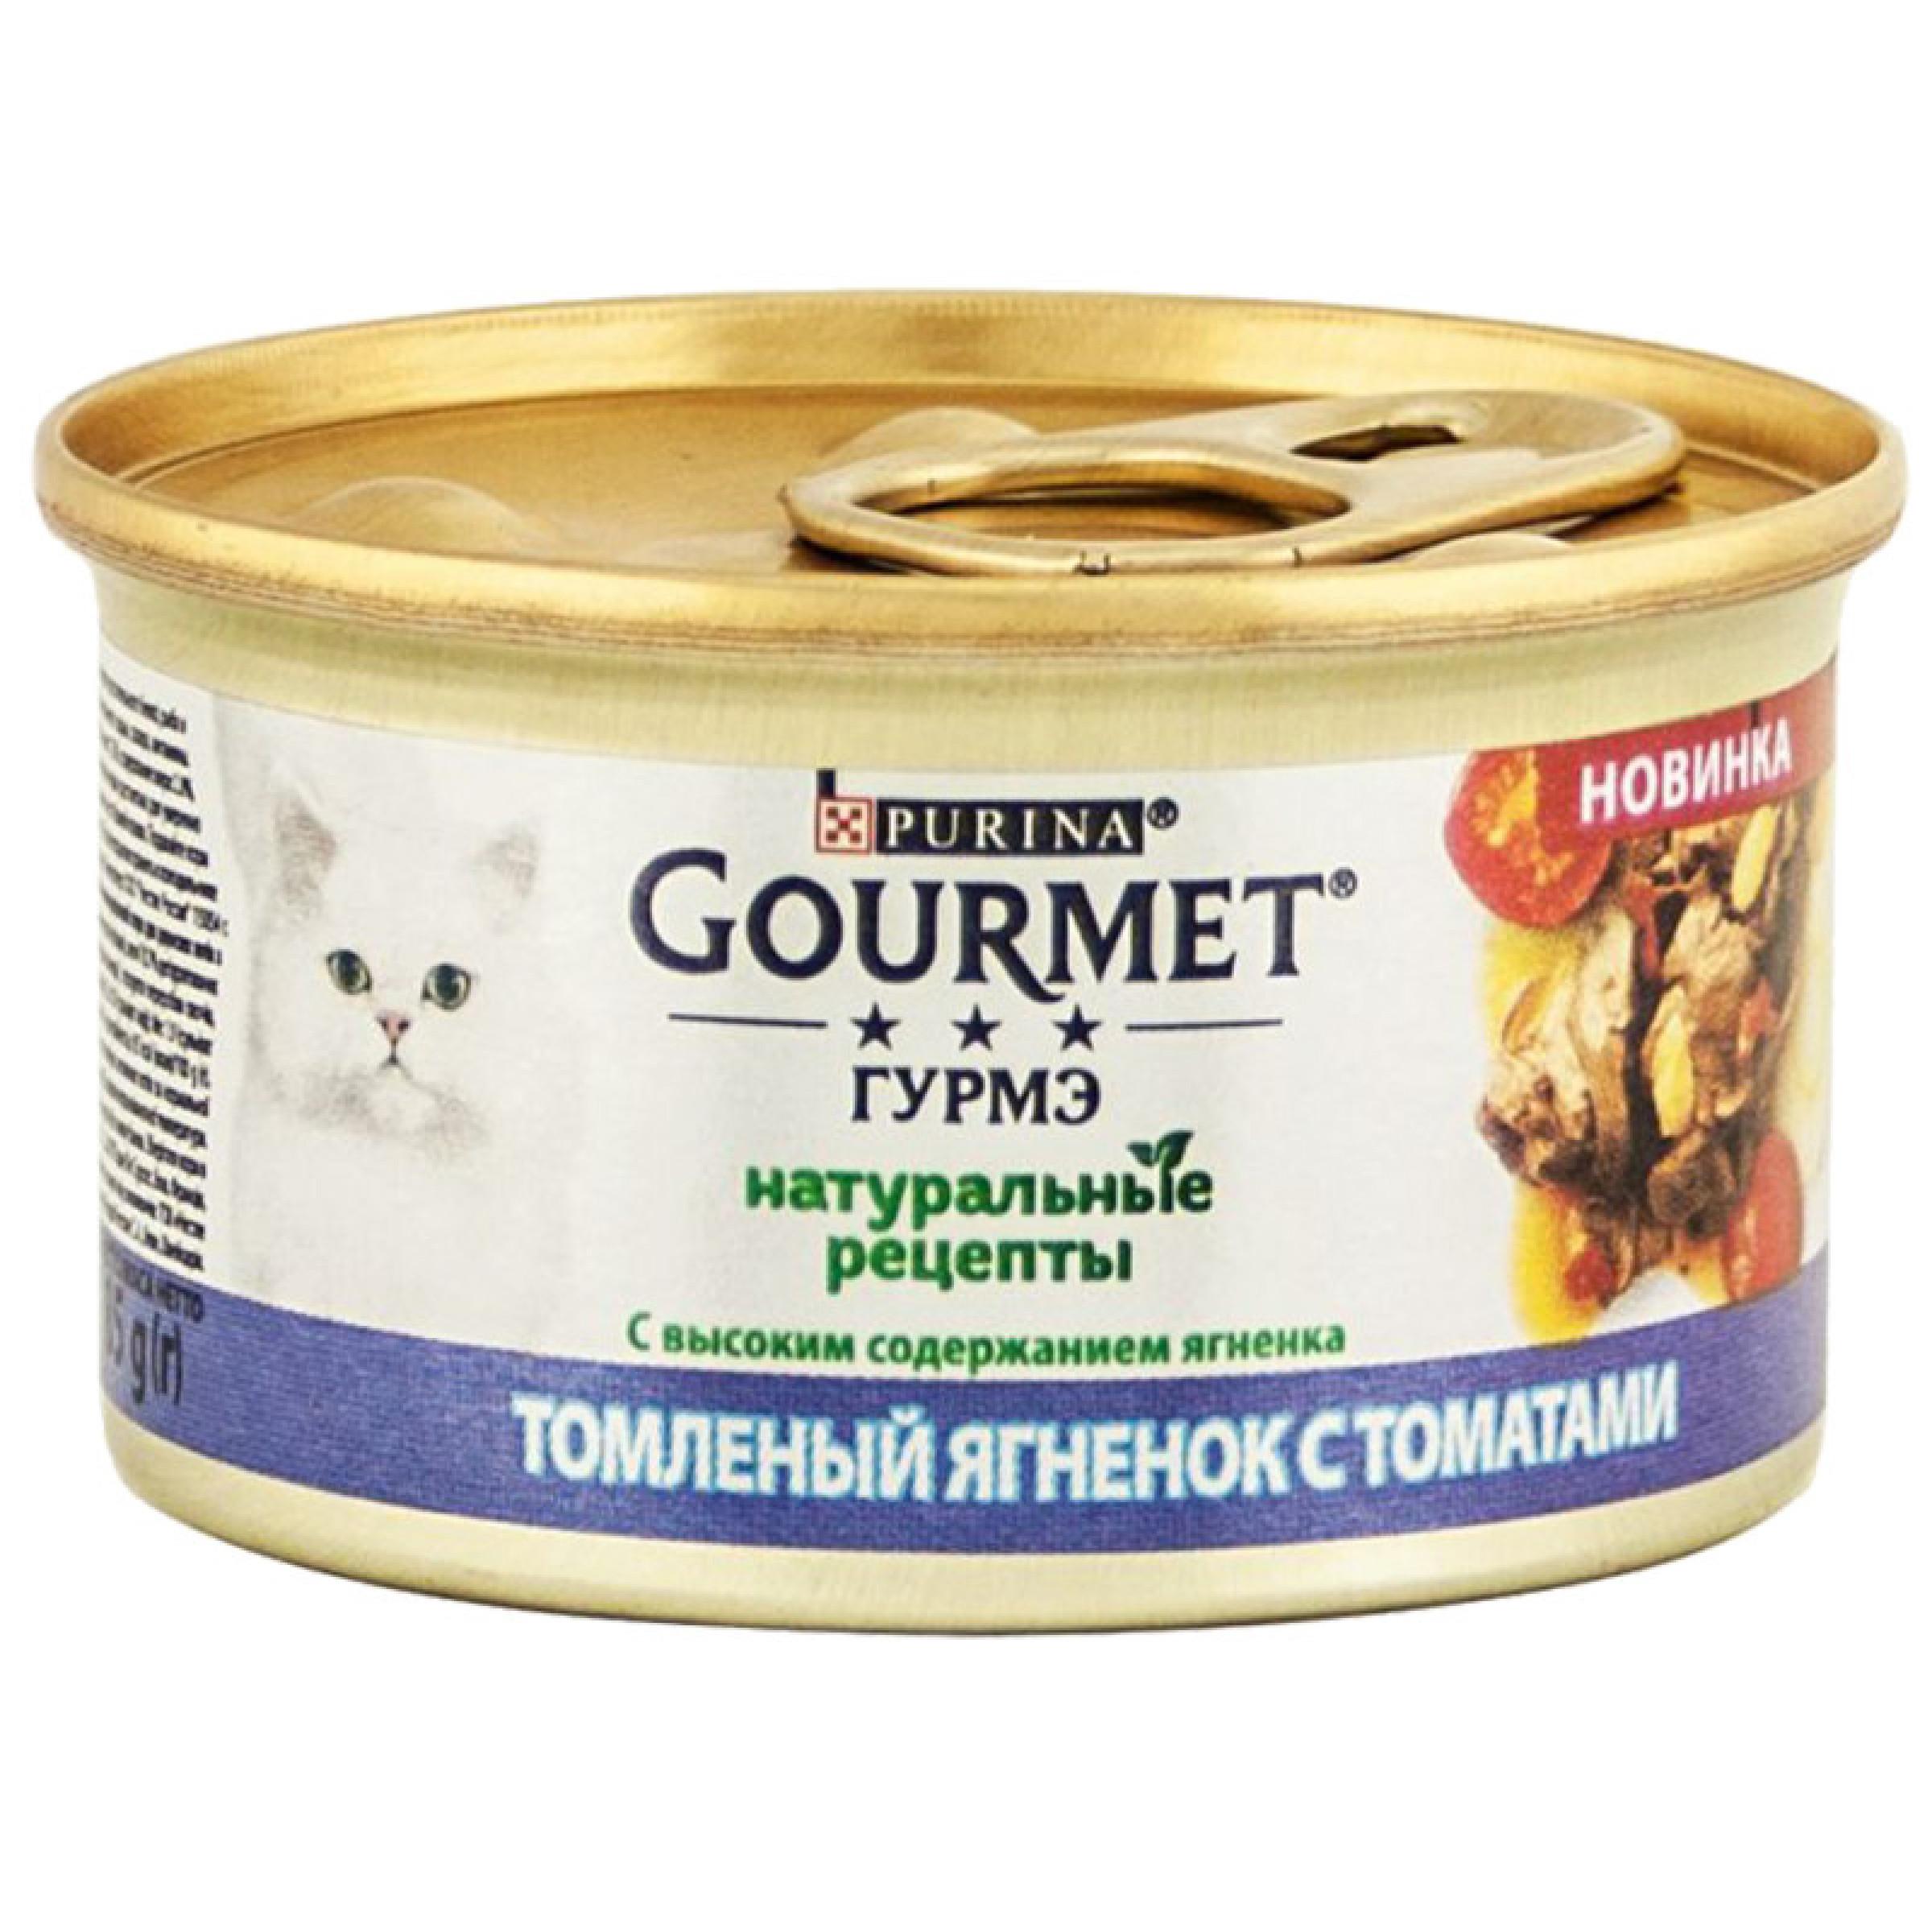 Консервы Gourmet Гурмэ Натуральные рецепты с ягненком и с томатами, банка 85 г